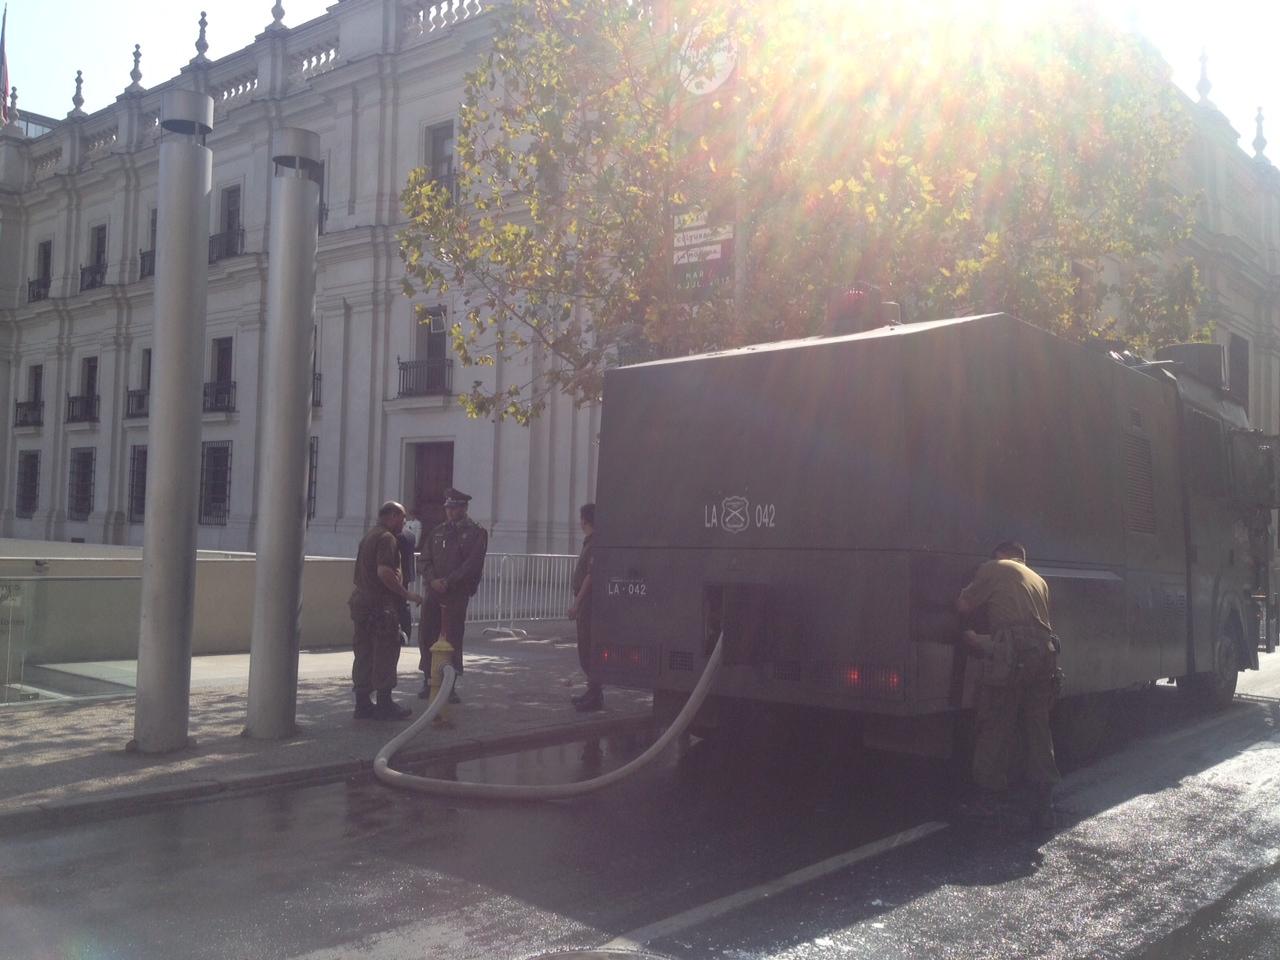 Guanaco extrae agua desde grifo en La Moneda